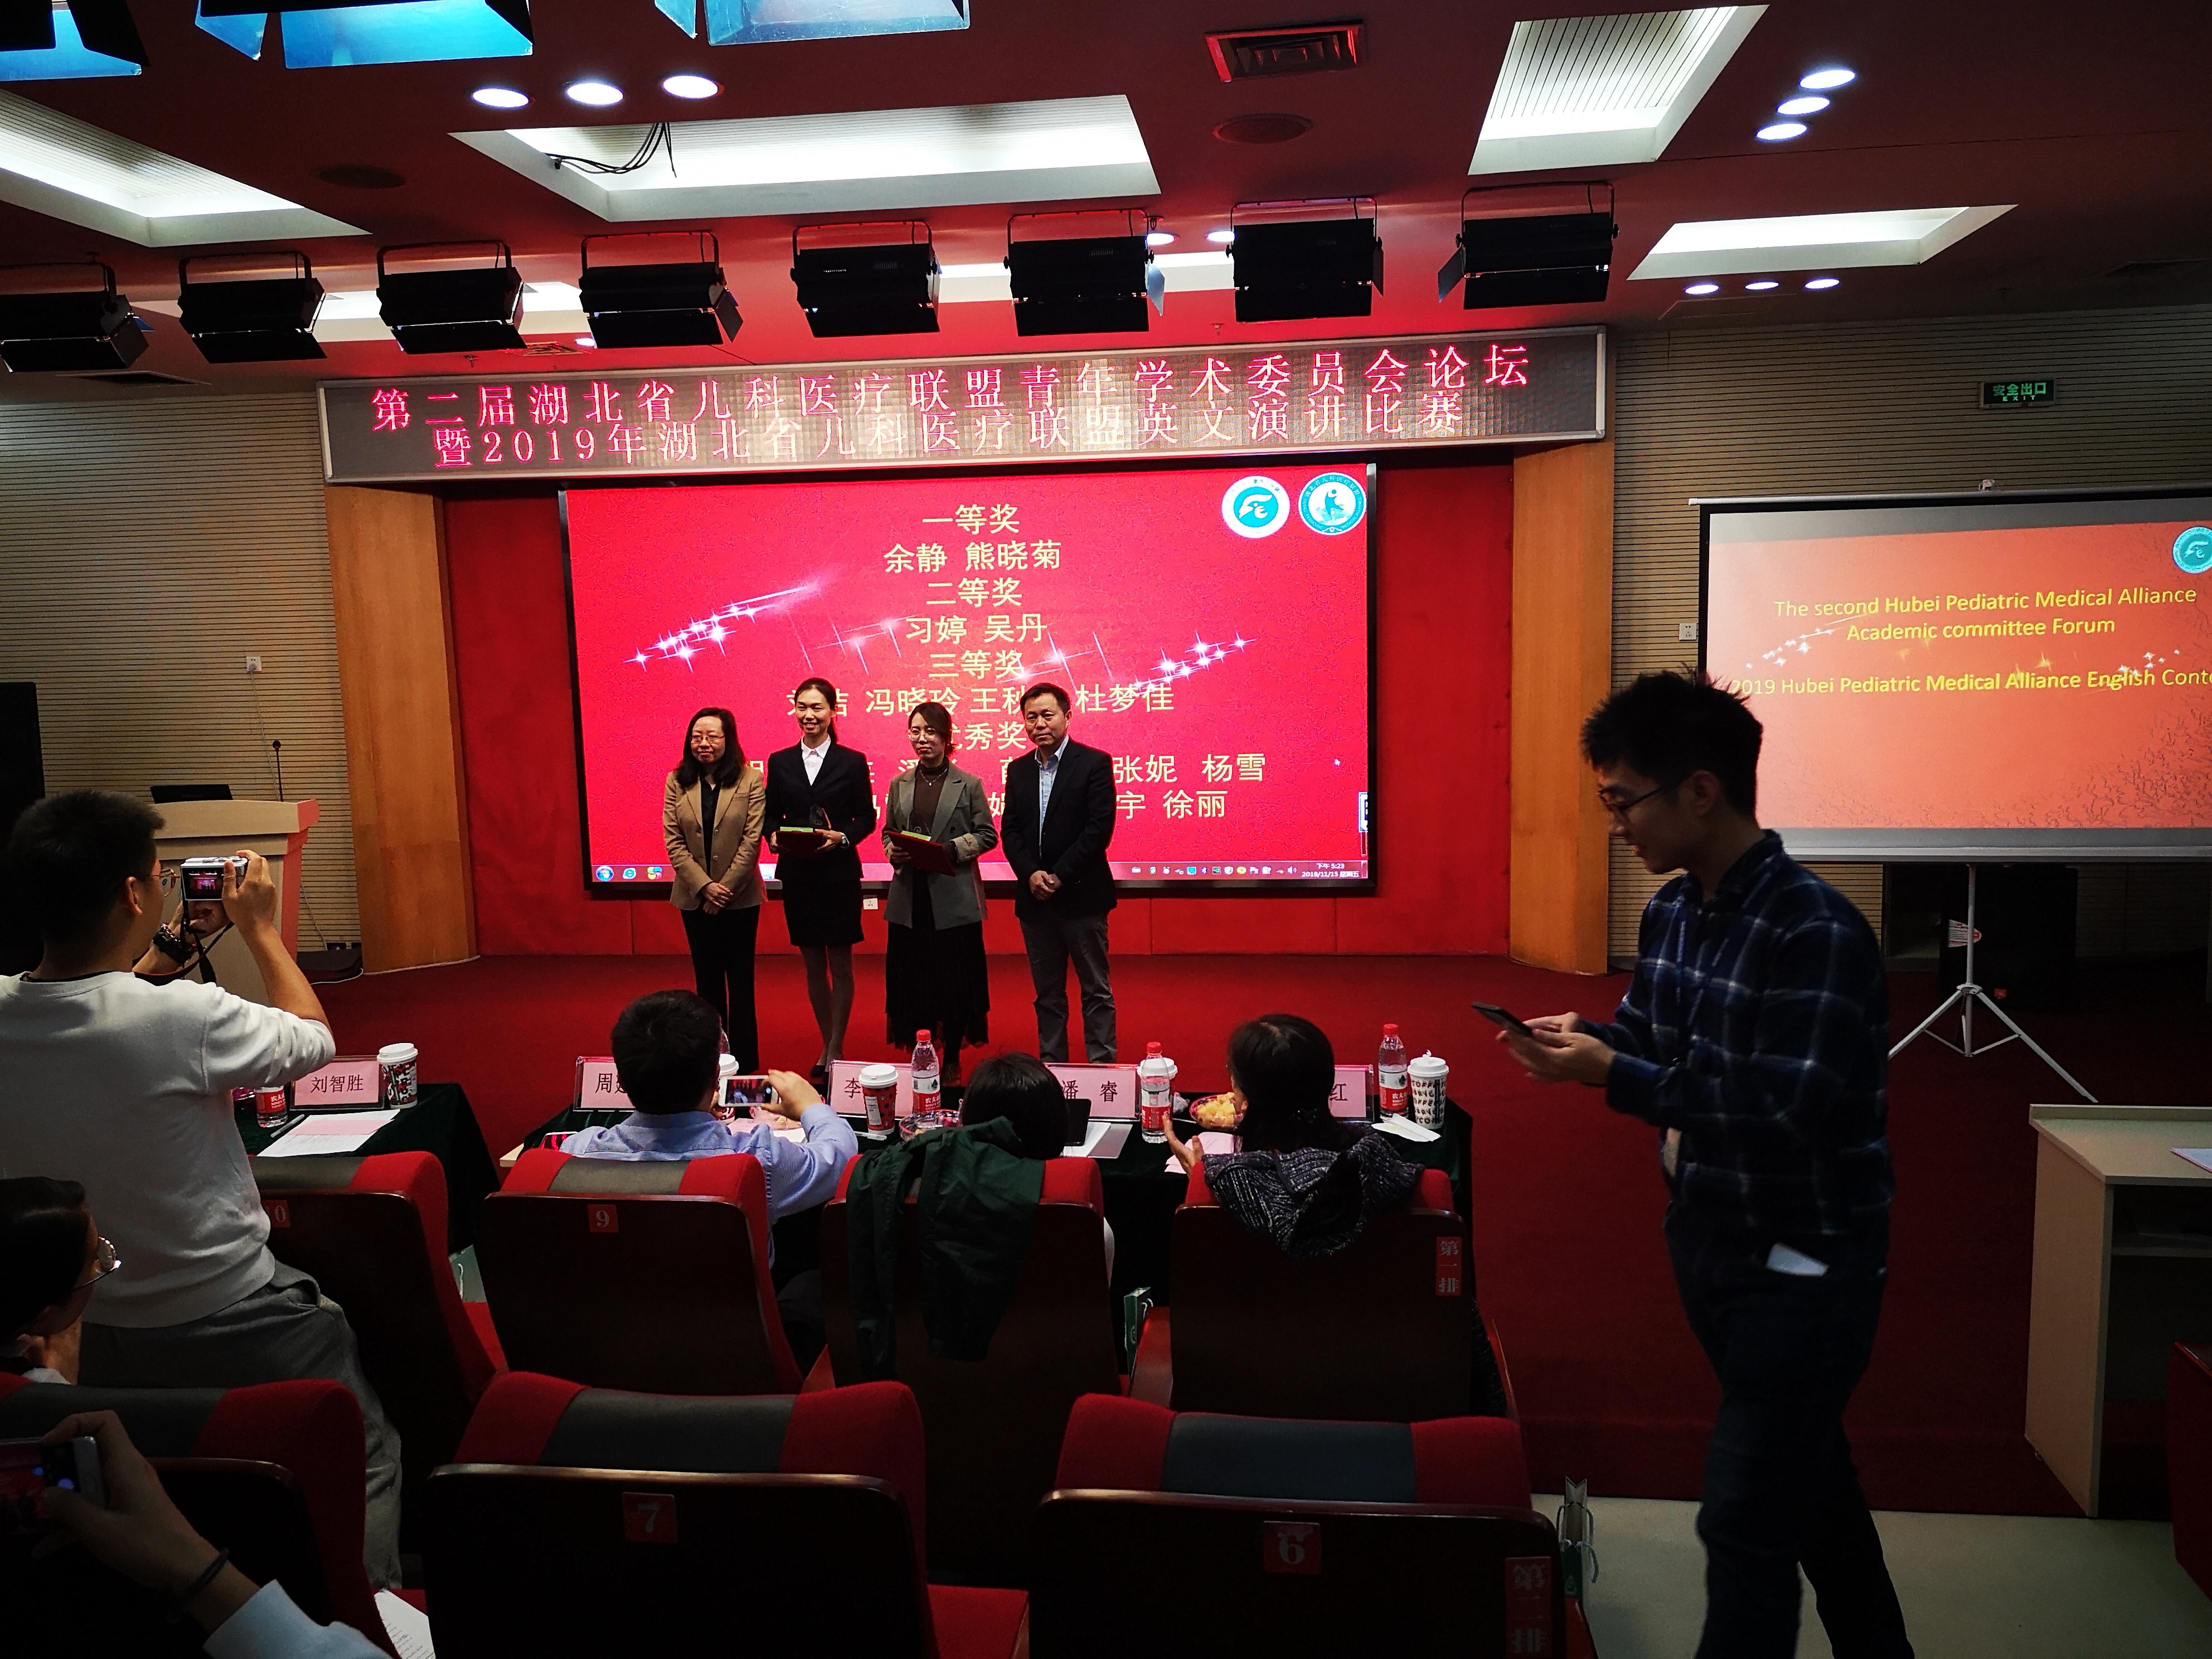 我院吴丹荣获2019年湖北省儿科医疗联盟英文演讲大赛二等奖